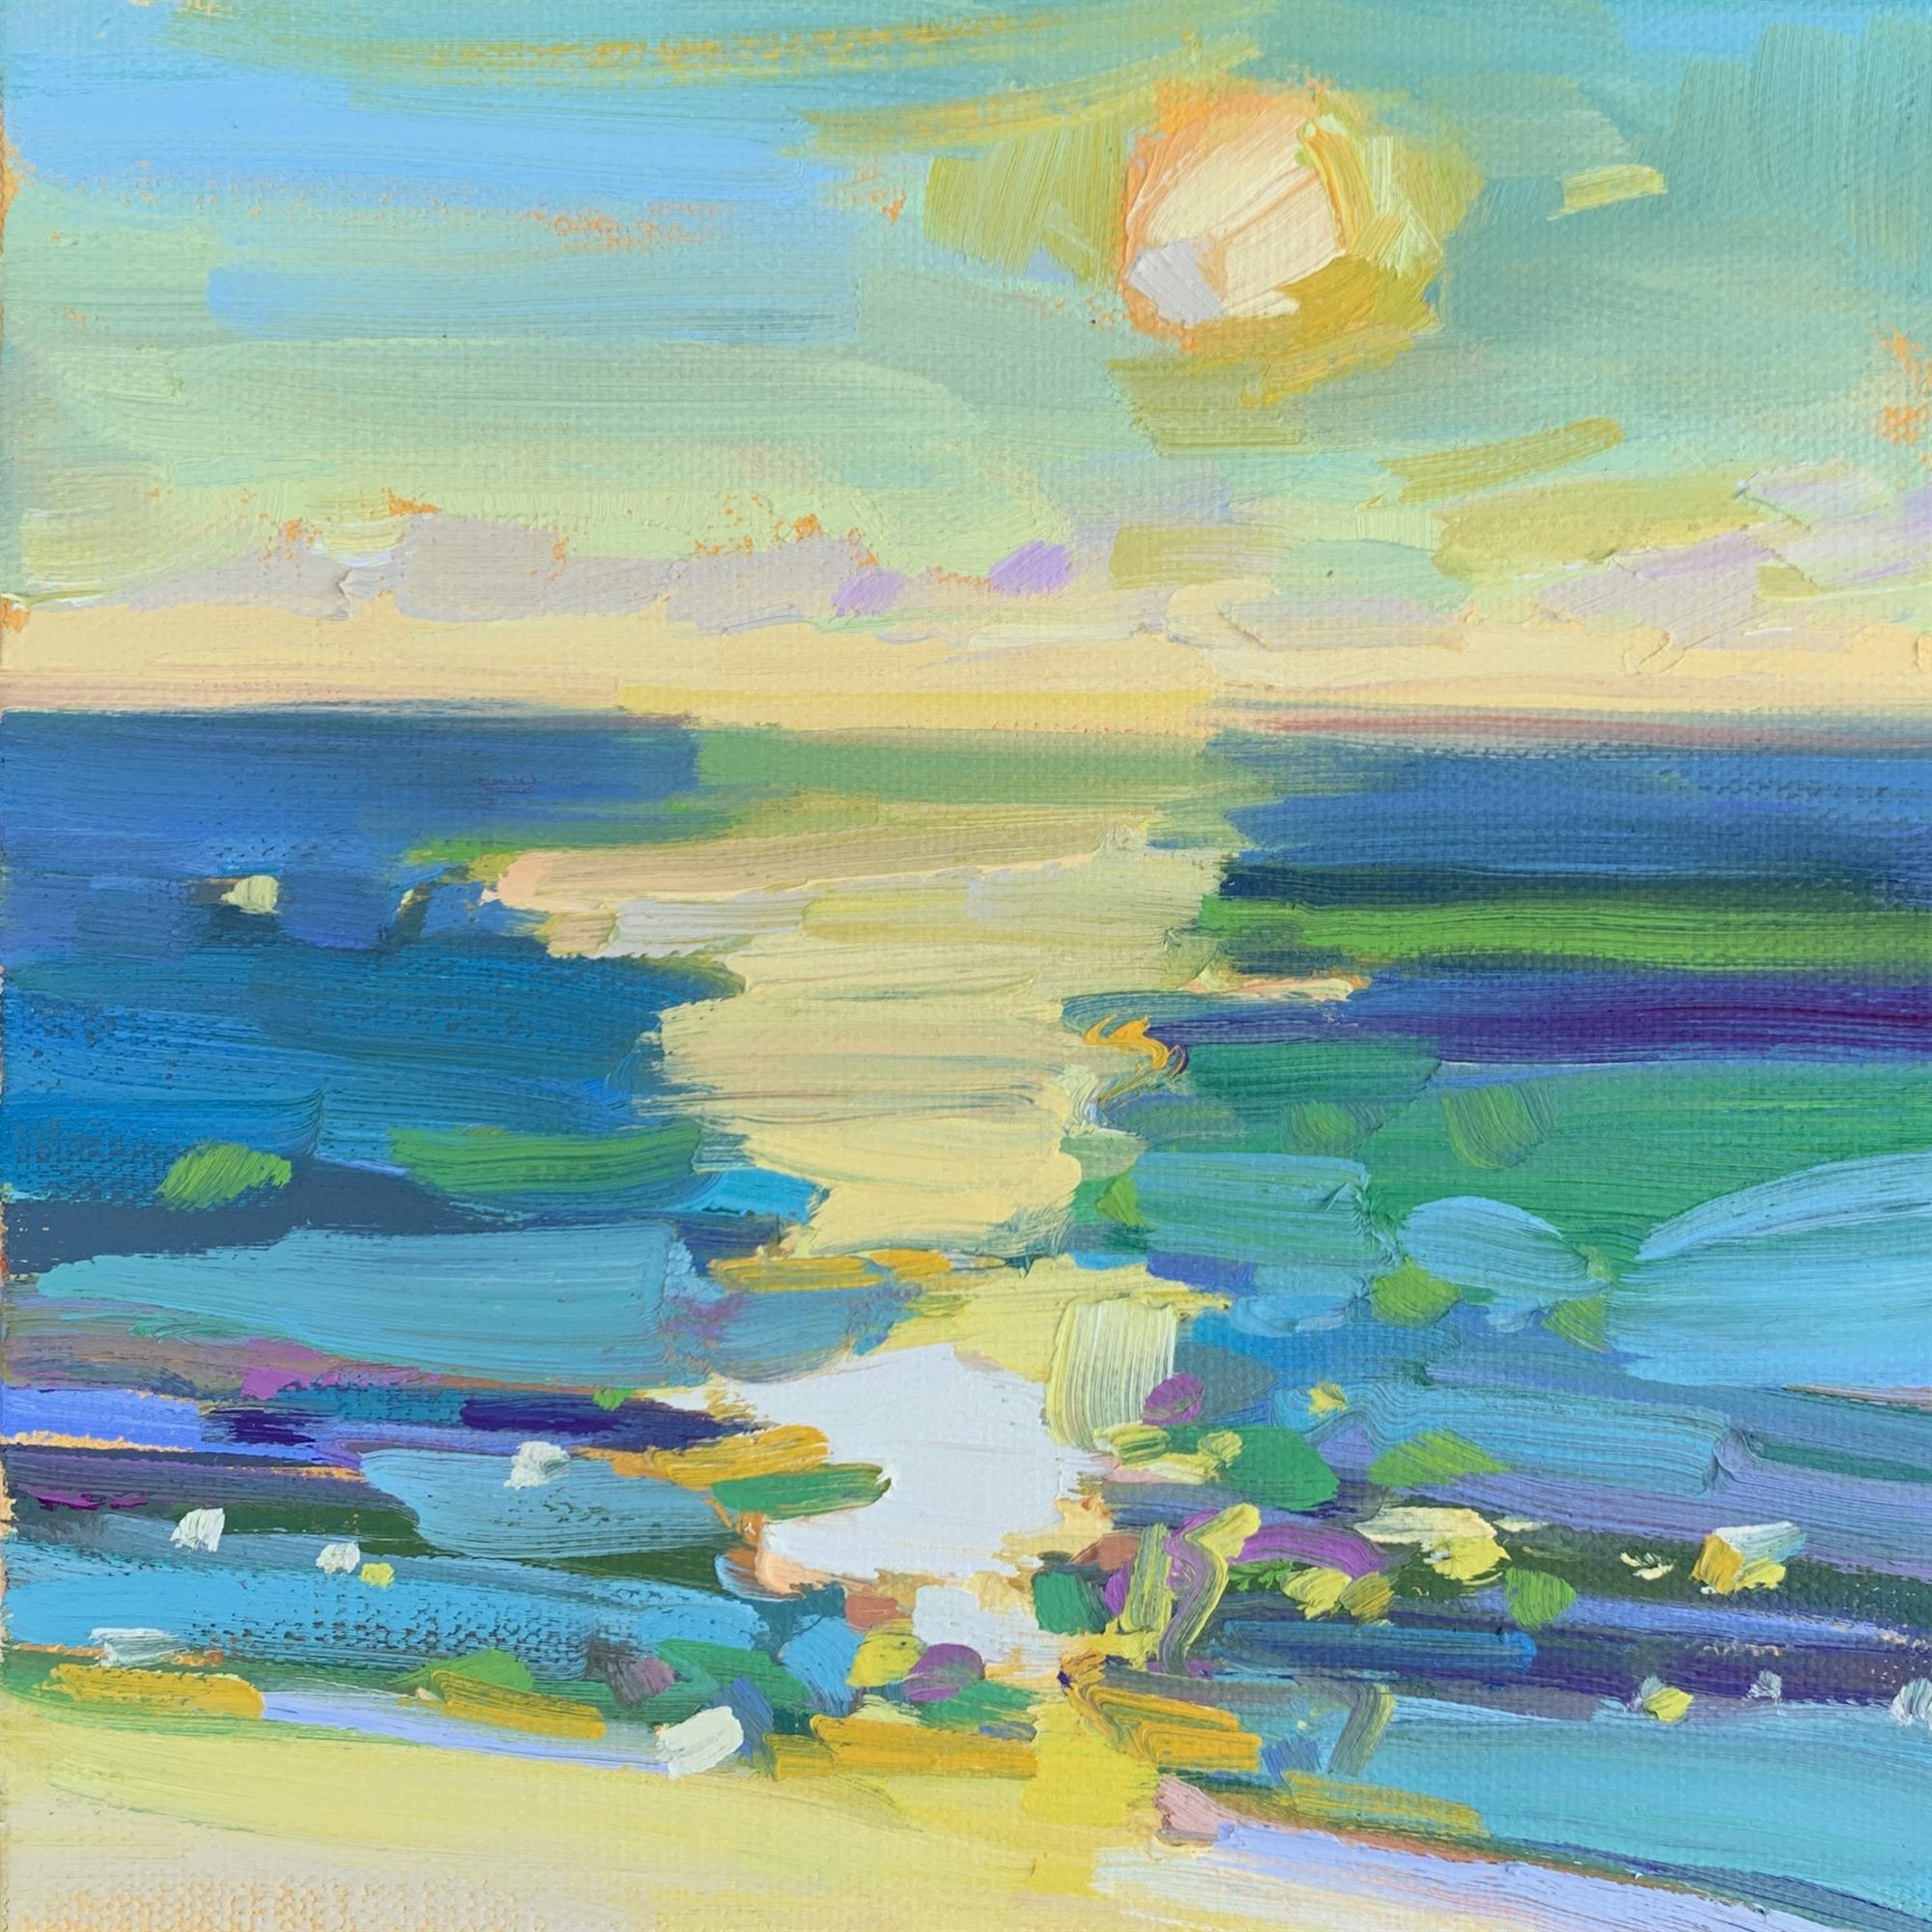 Good Morning by Marissa Vogl